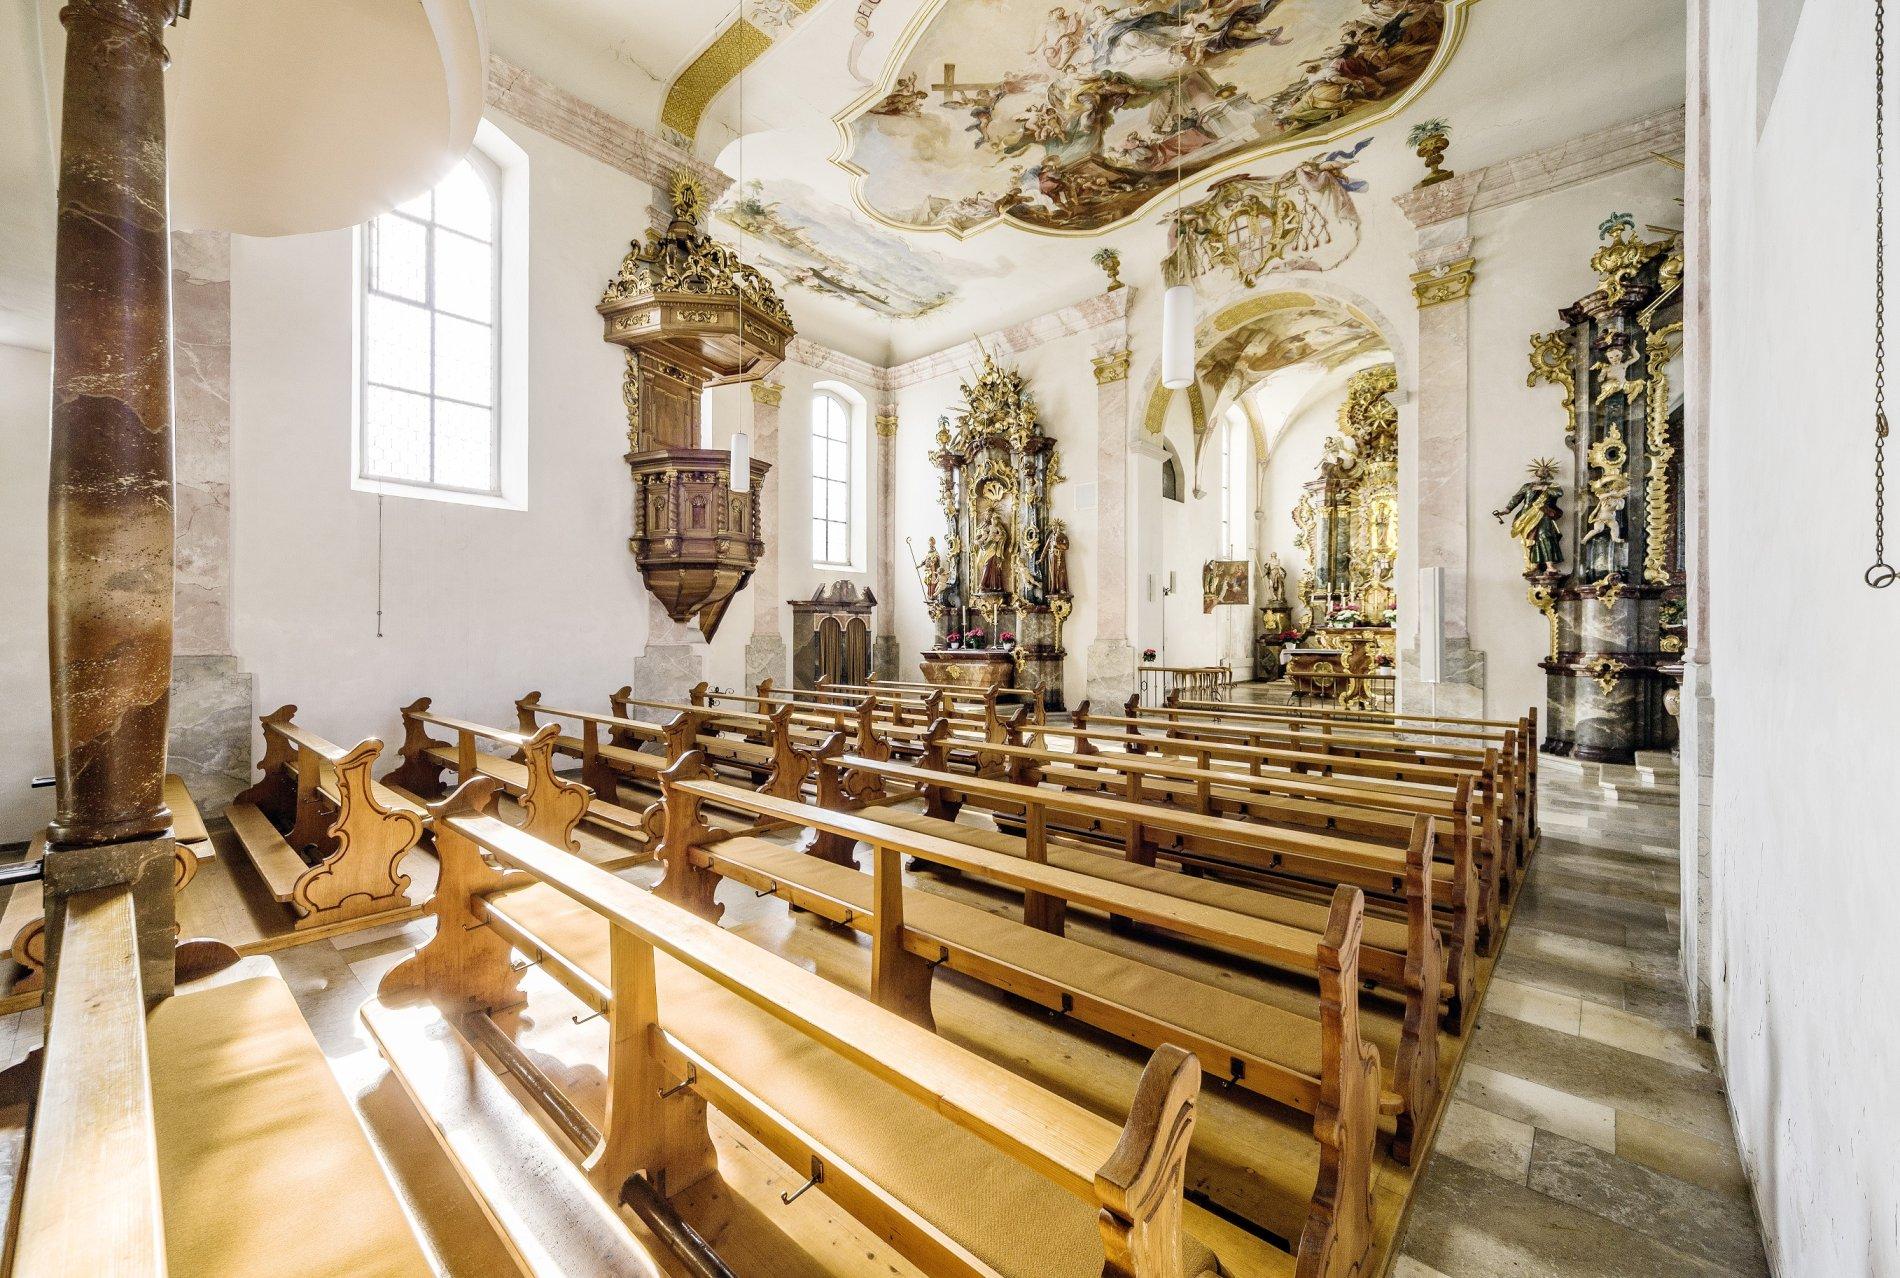 Die Innenansicht einer Kirche